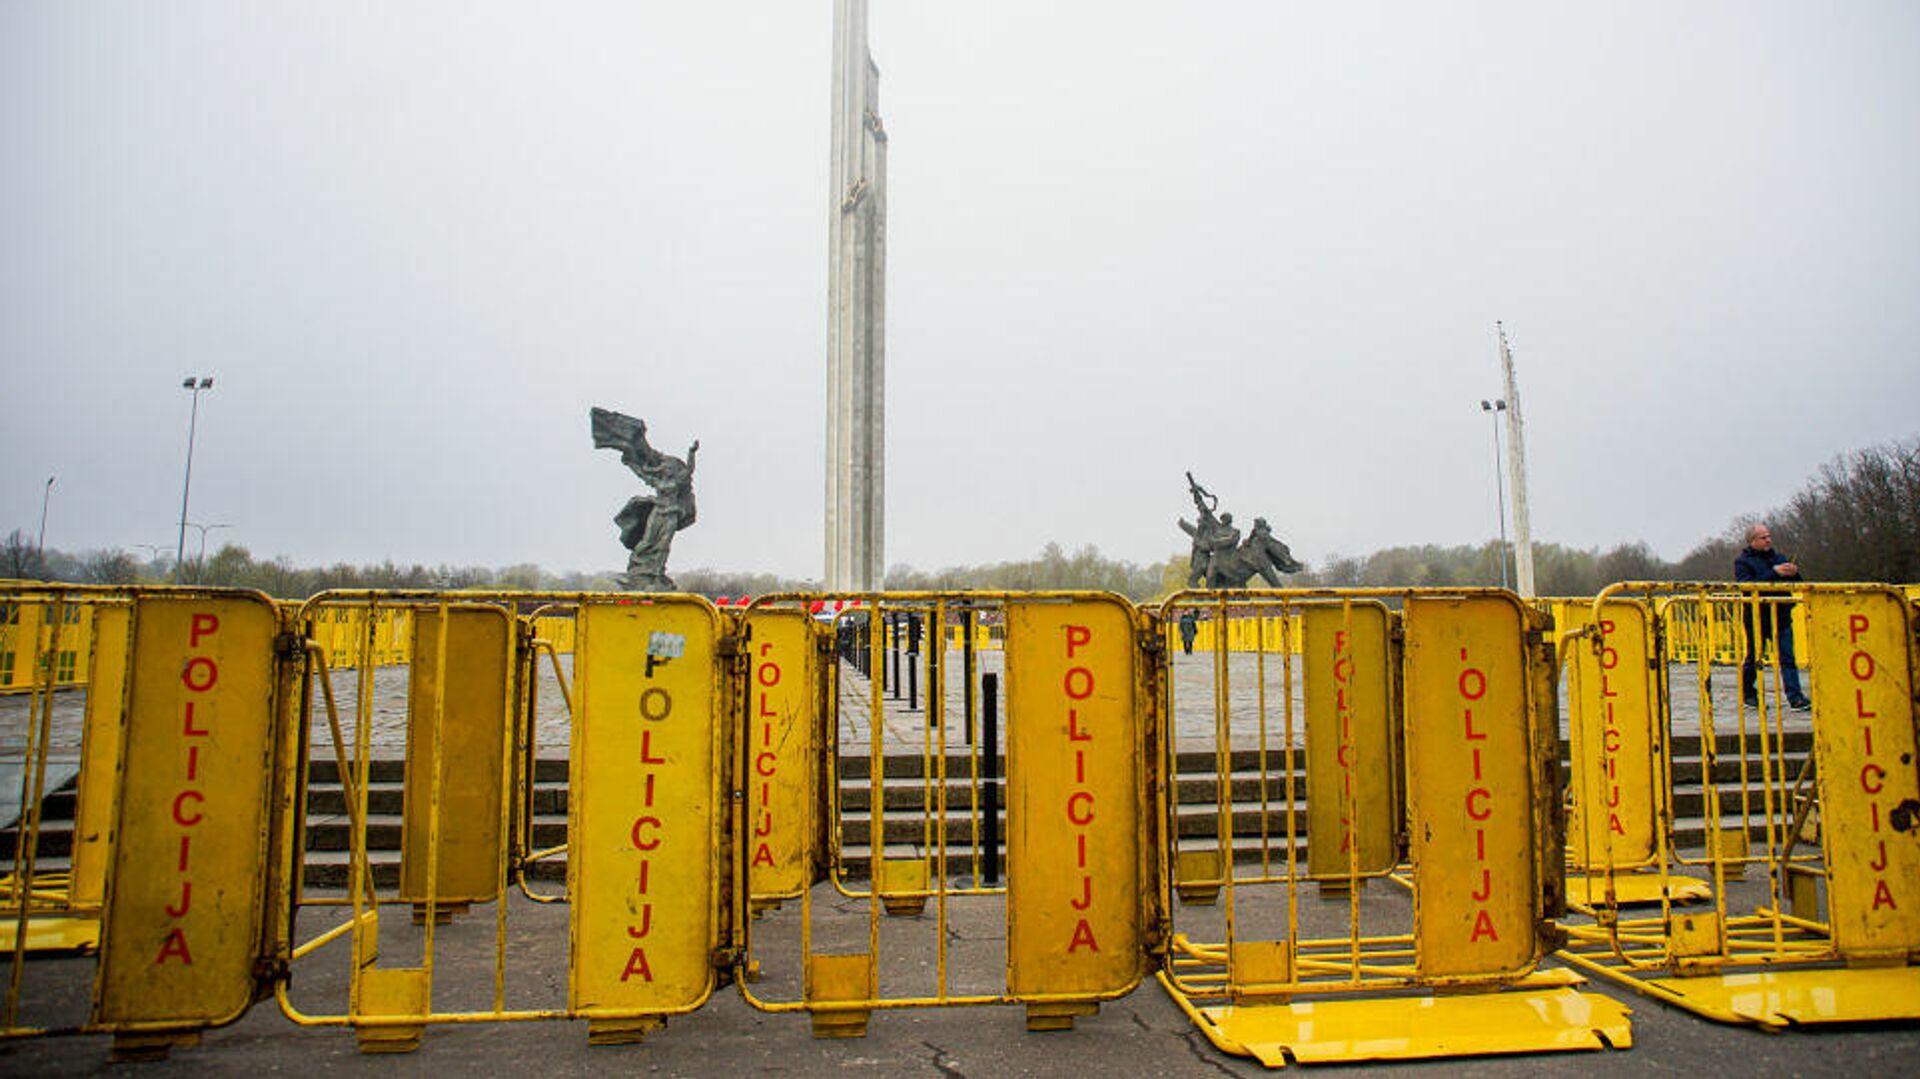 Полиция Латвии в День Победы перекрыла доступ к памятнику Освободителям в Риге - РИА Новости, 1920, 10.05.2021